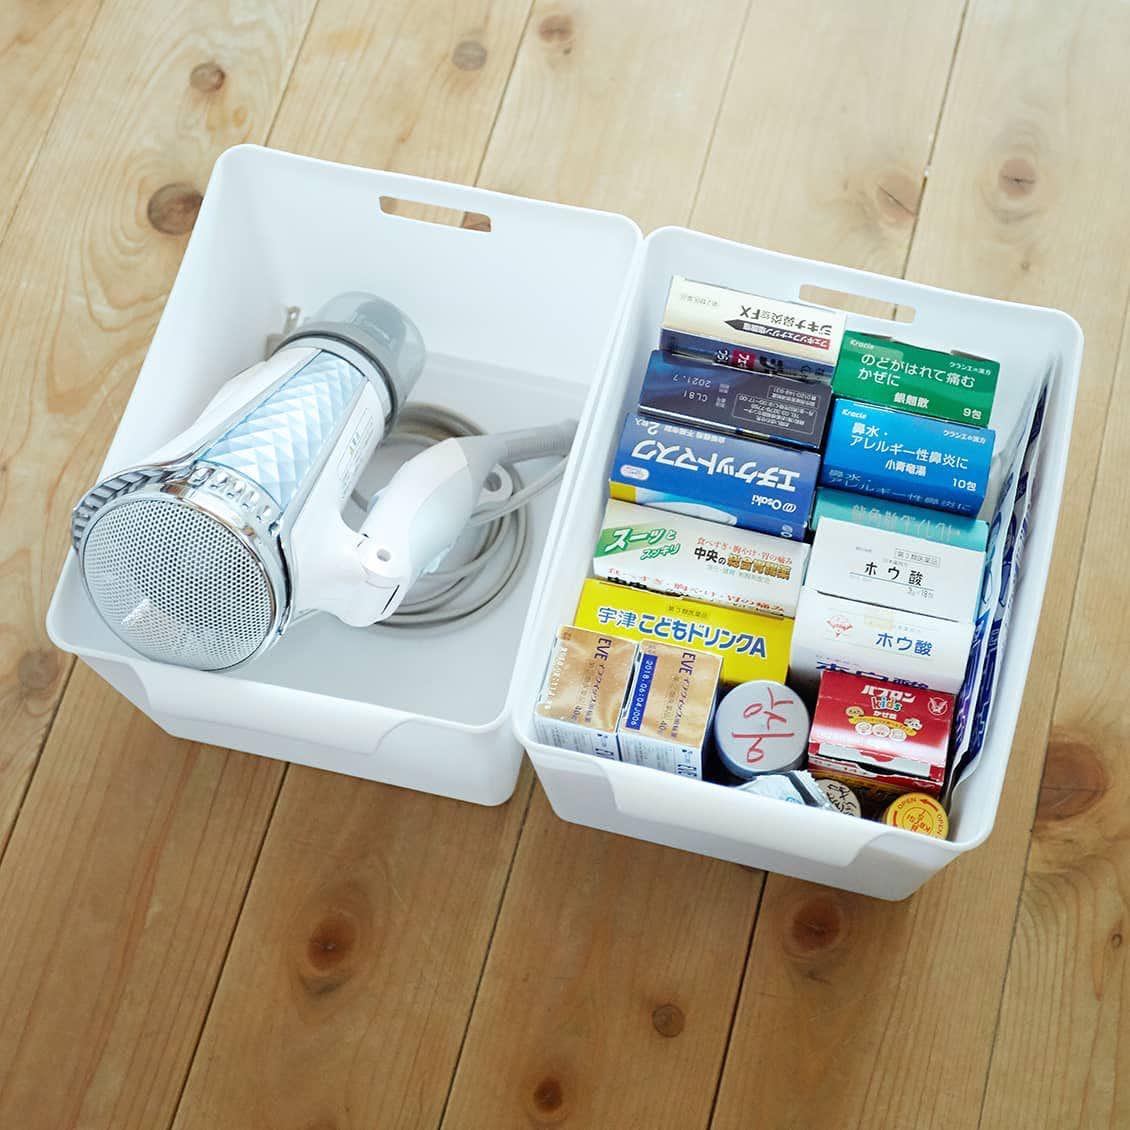 【すきま収納を味方に】タオル、洗濯、掃除アイテム……ものが多い「洗面所」の収納アイデア